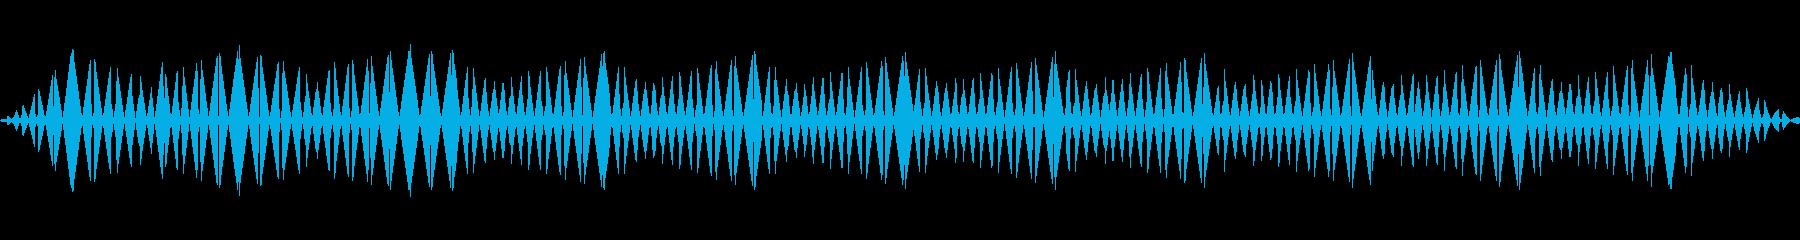 ビッ(ノイズ/警告/エラー/サイレンの再生済みの波形